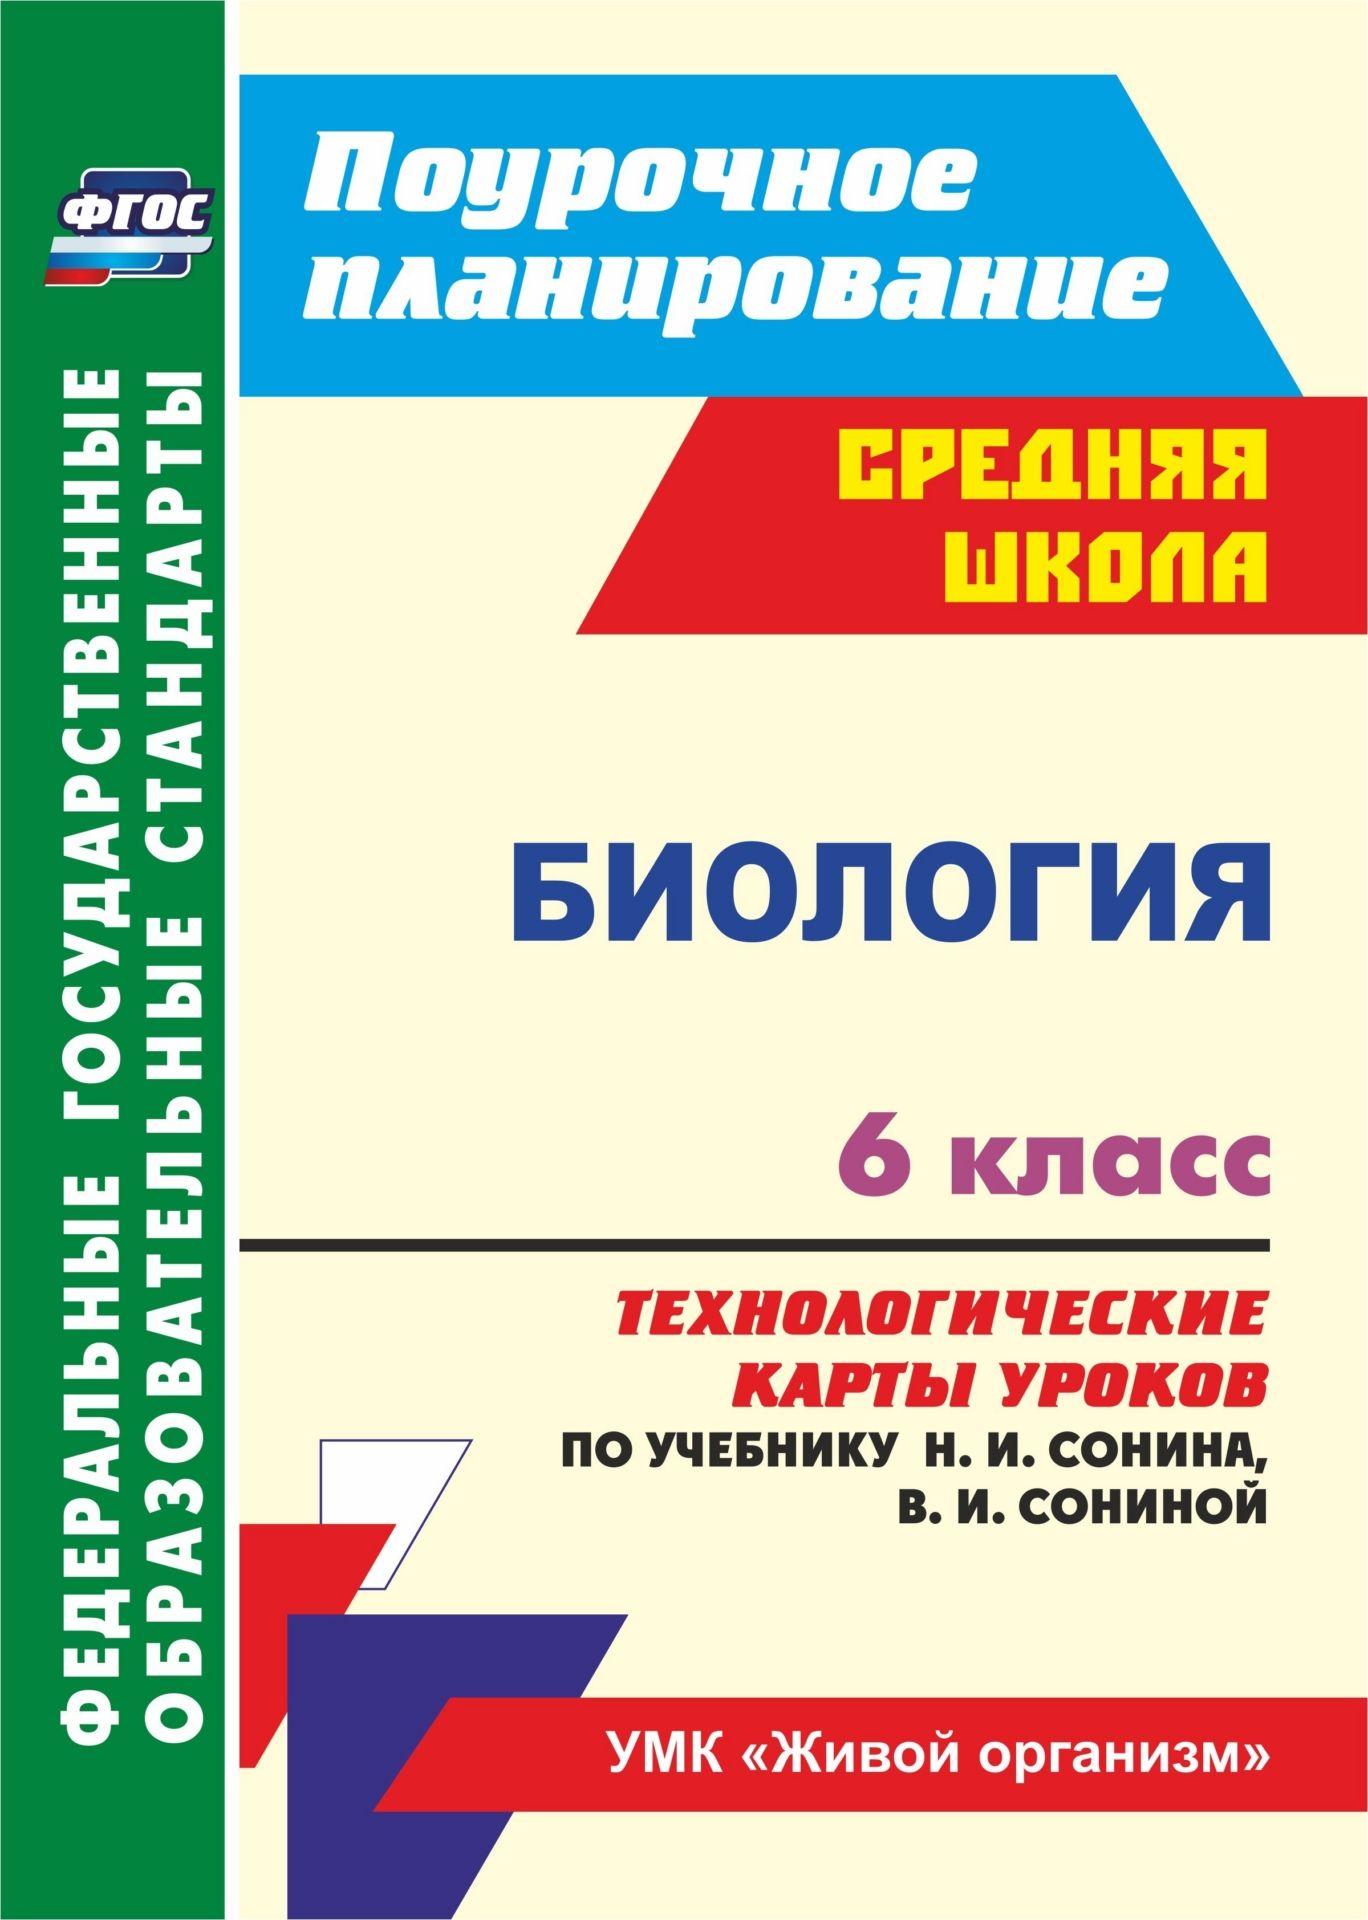 Биология. 6 класс: технологические карты уроков по учебнику Н. И. Сонина, В. И. Сониной